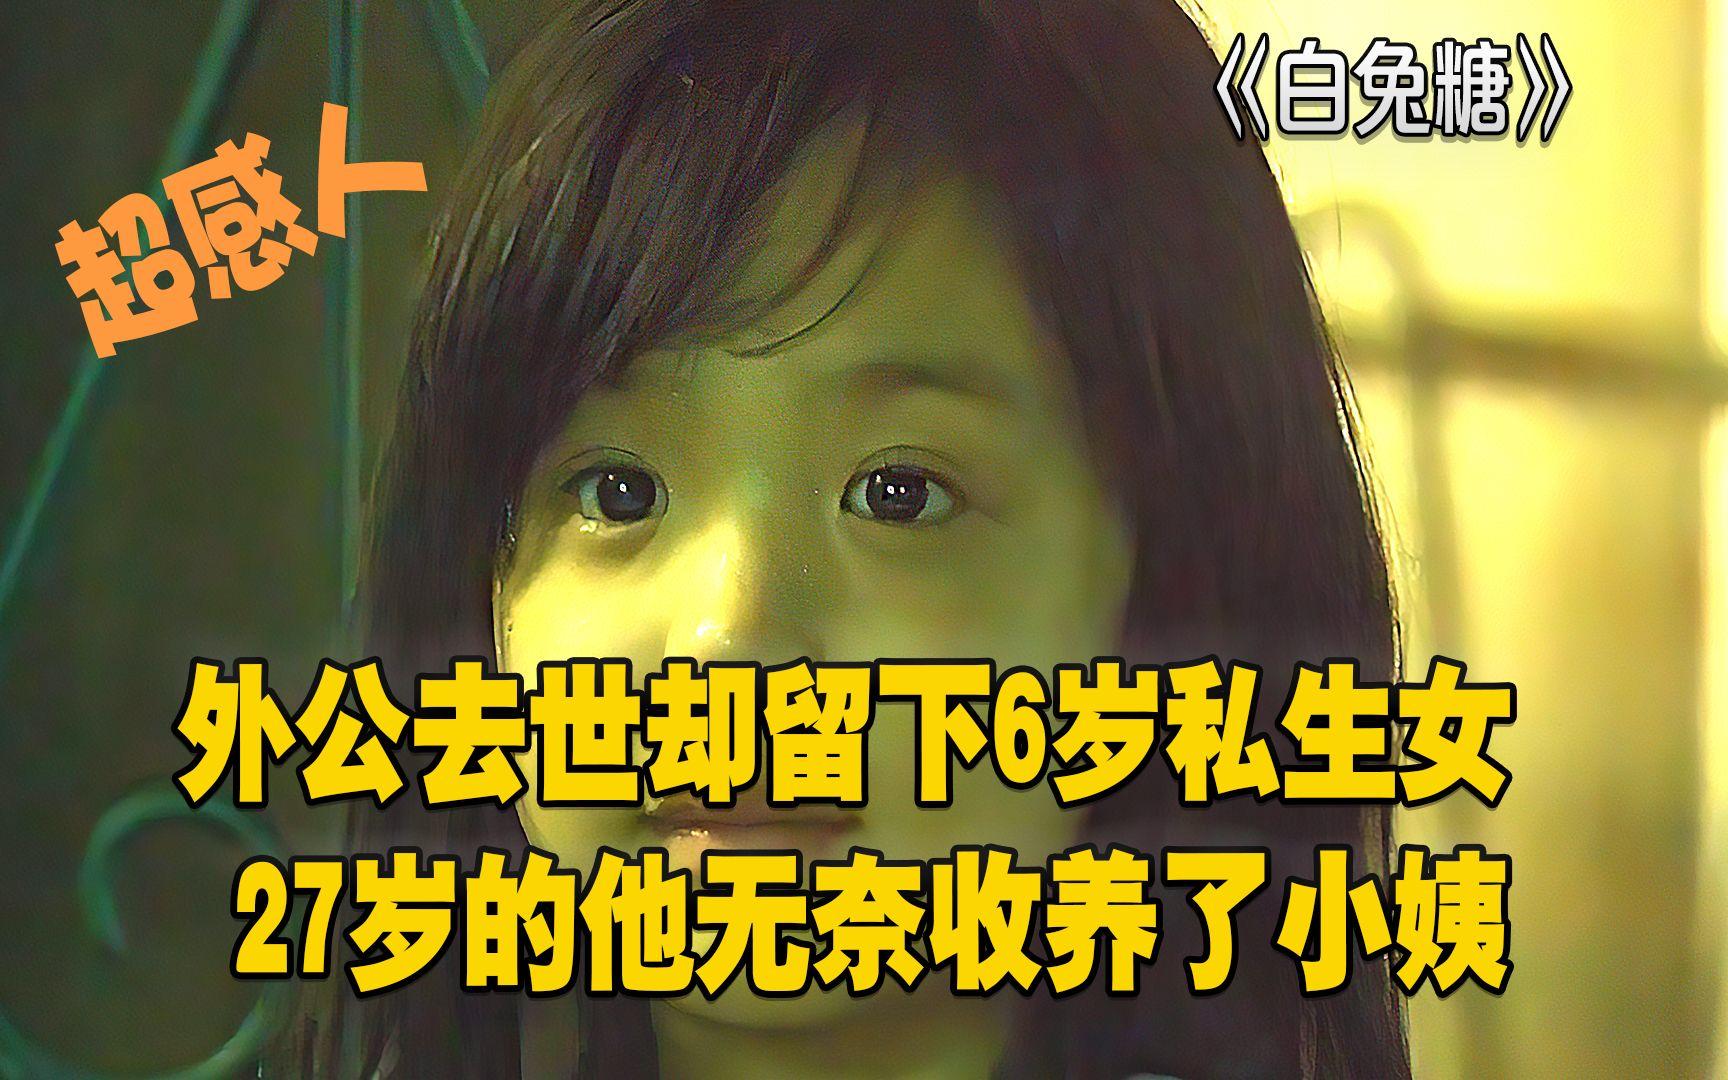 白兔糖:外公去世却留下6岁私生女,27岁的他无奈收养了小姨